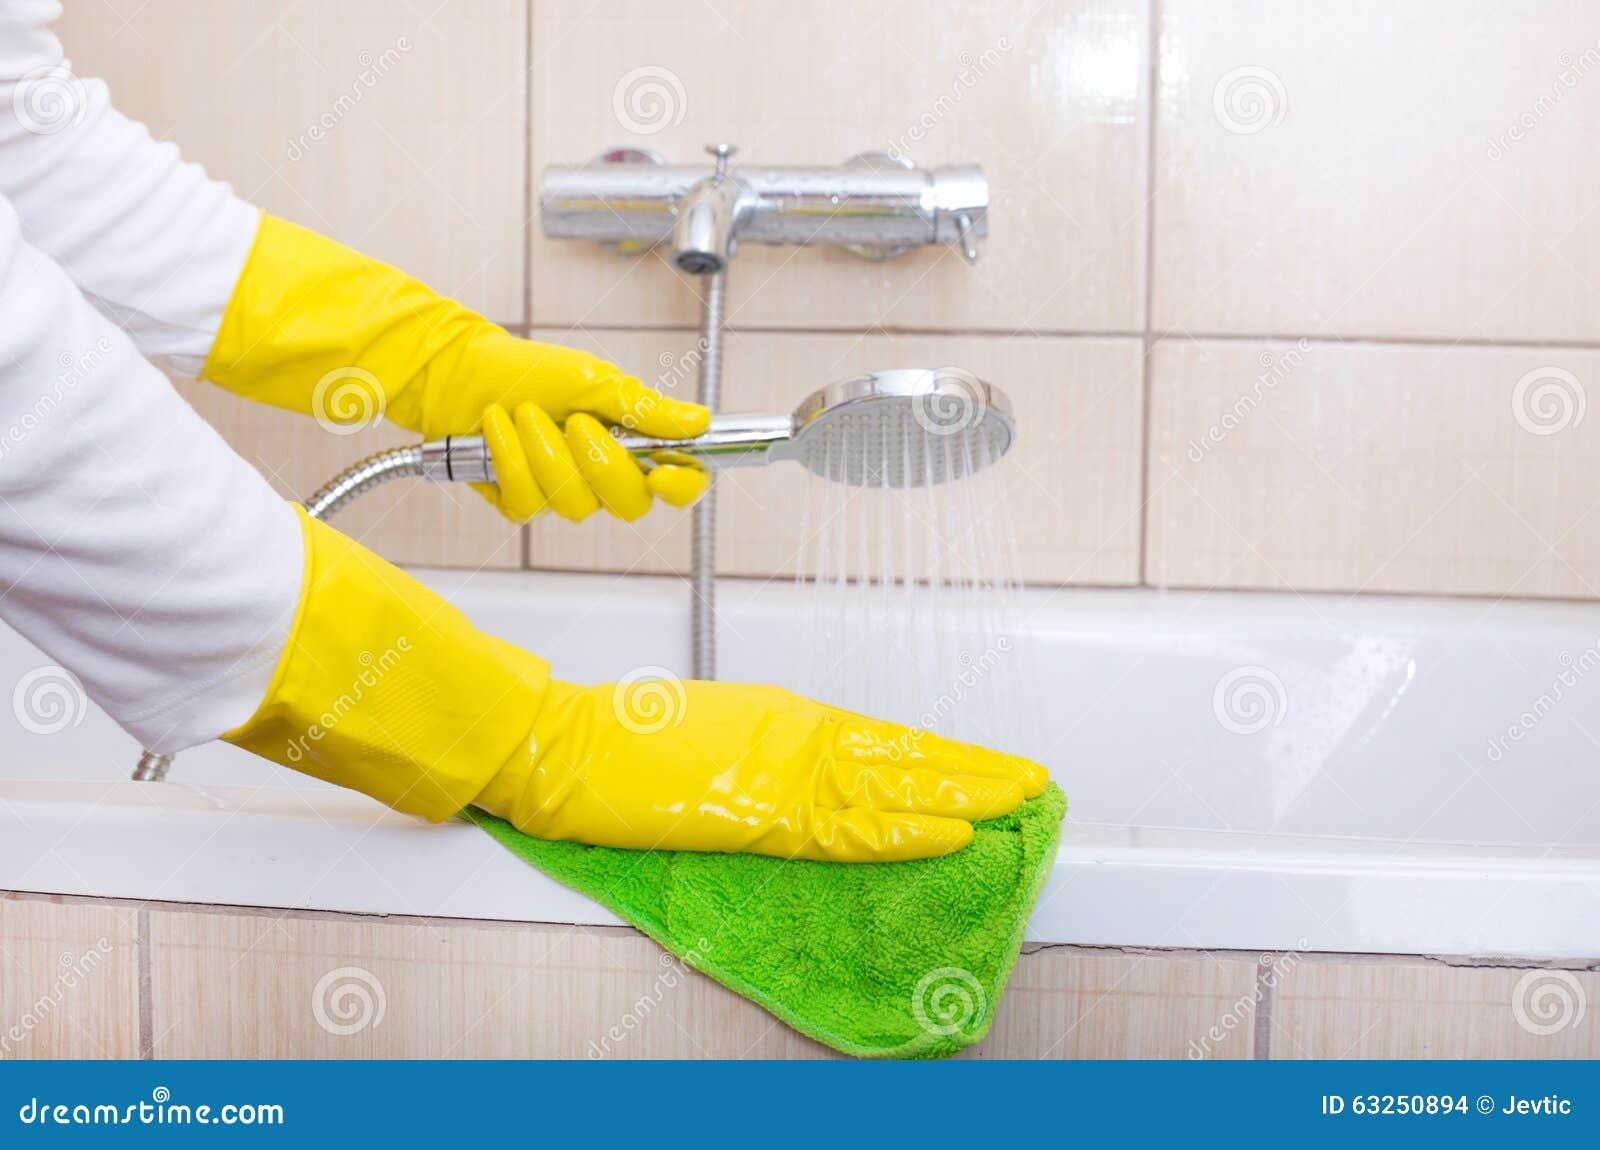 baignoire de nettoyage de femme photo stock image 63250894. Black Bedroom Furniture Sets. Home Design Ideas